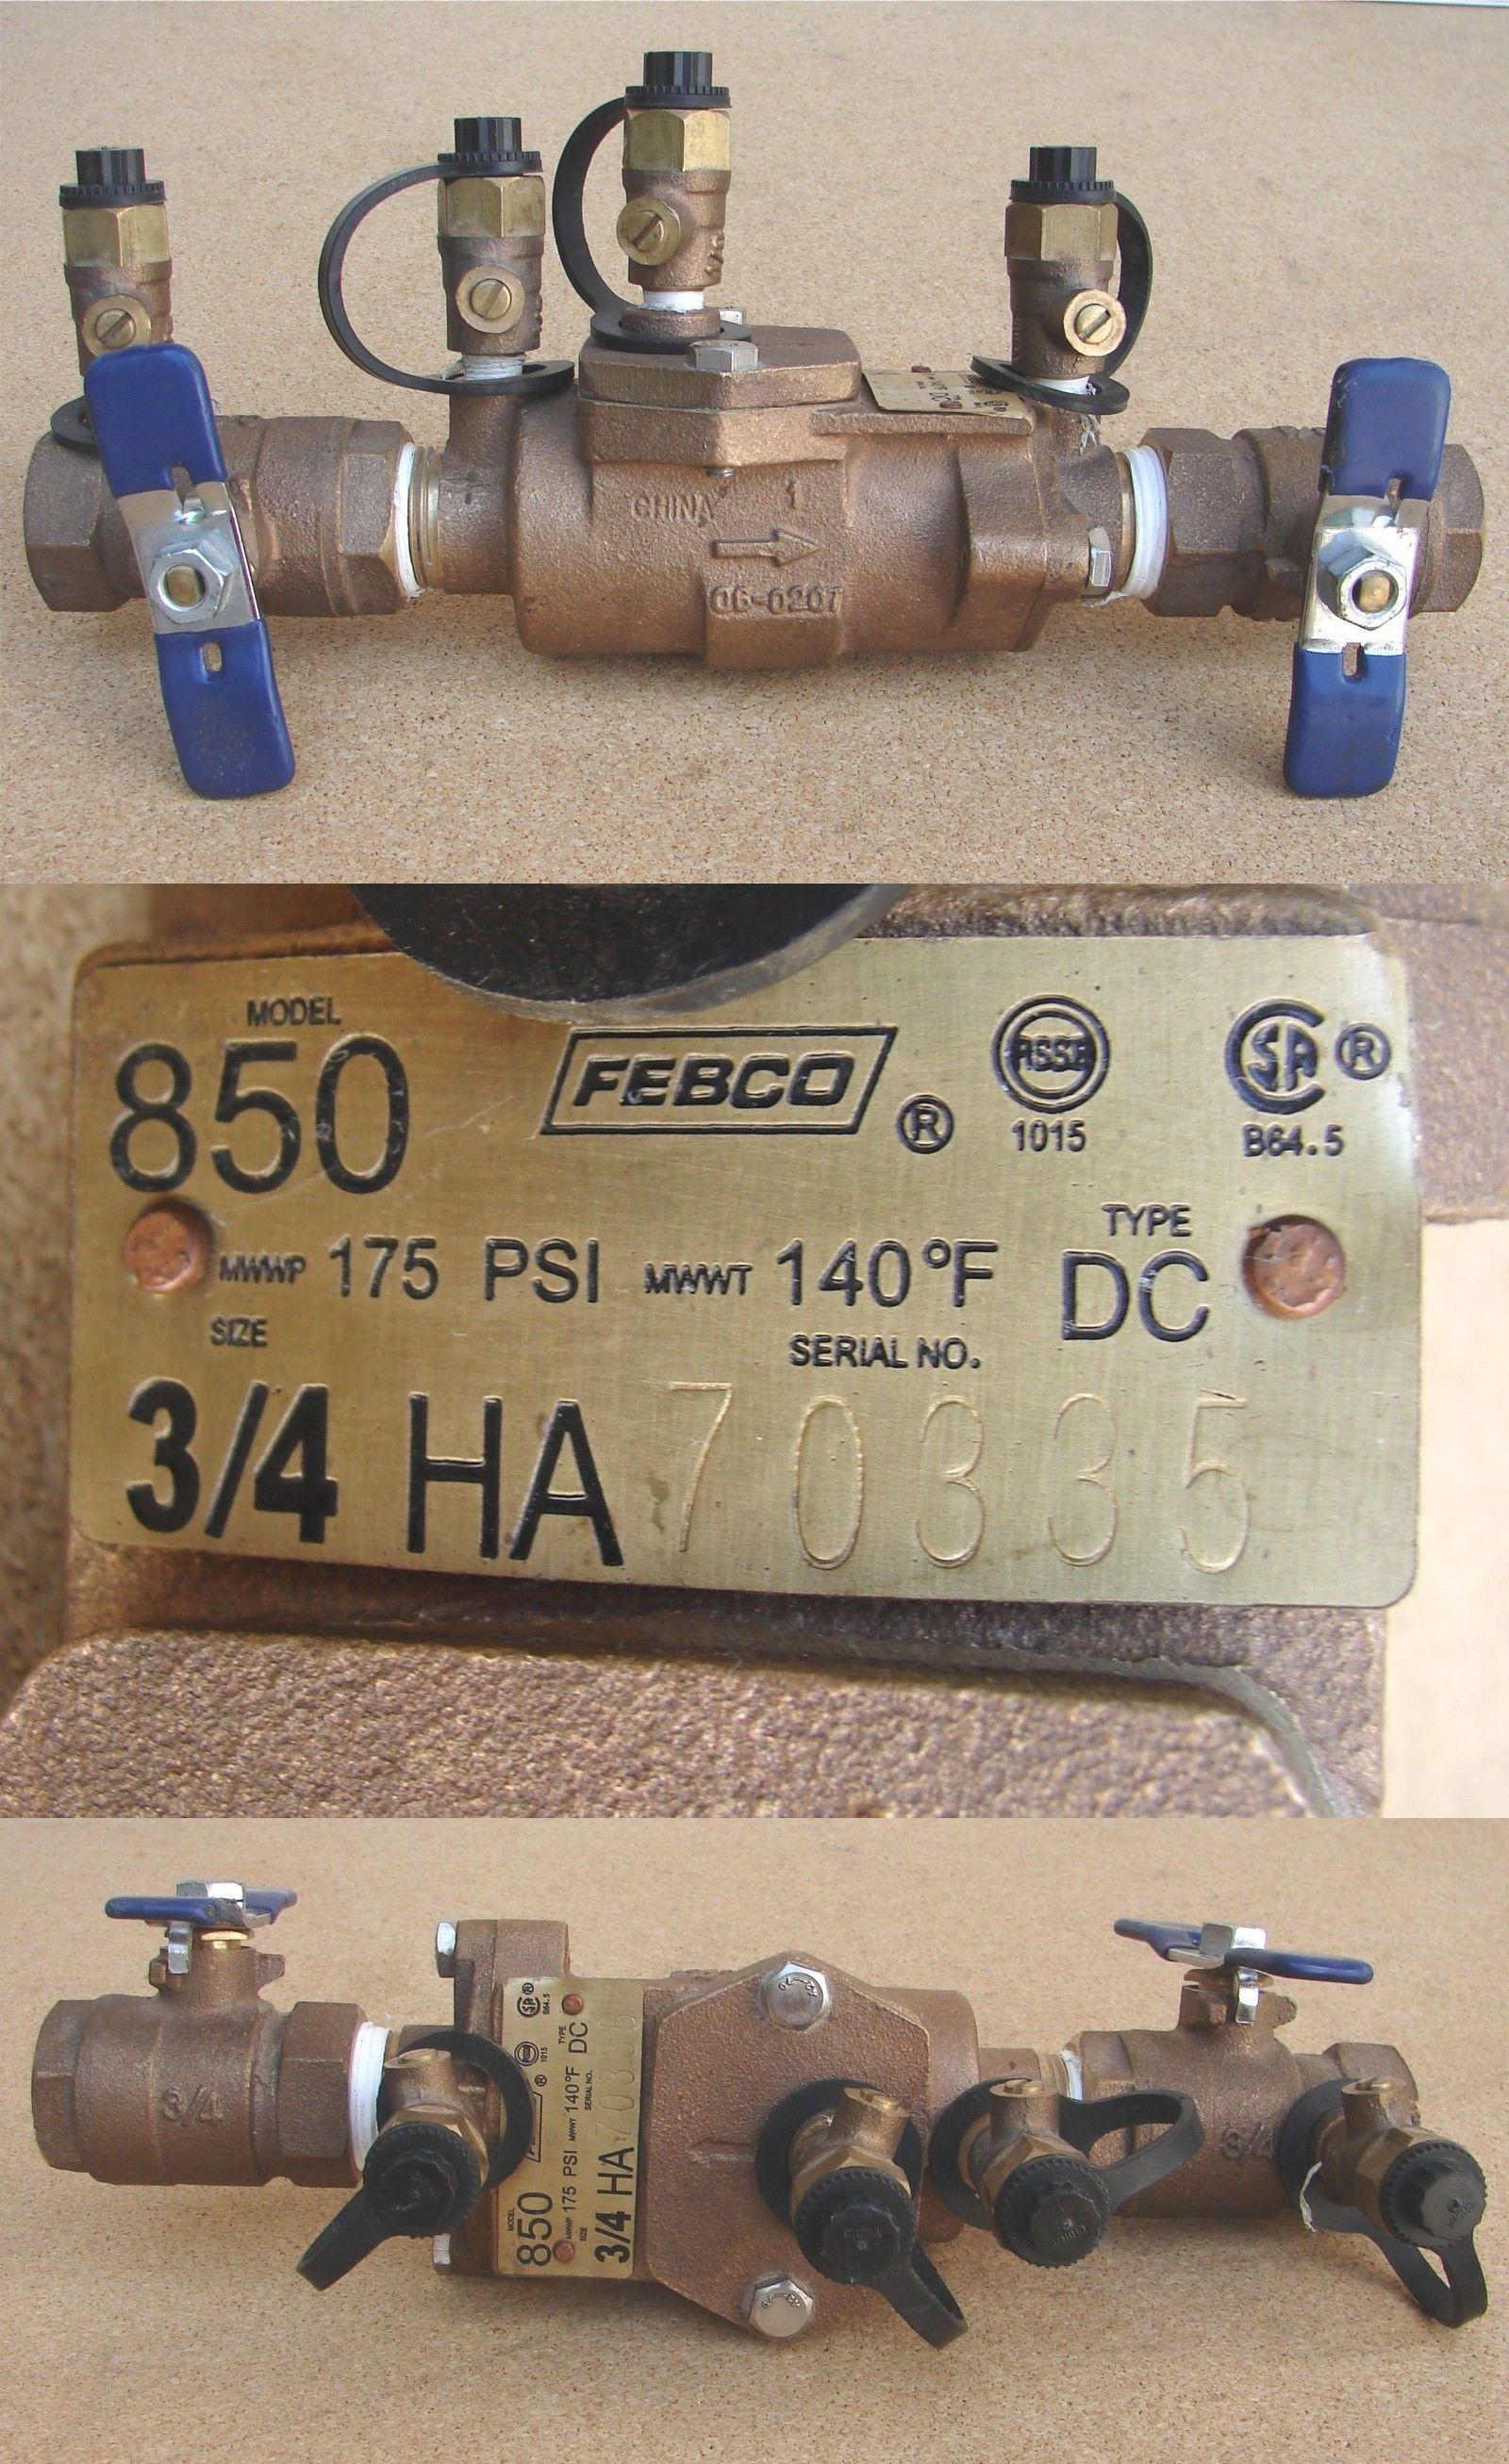 Valves 75673: Febco 3 4 Valve Assembly - #850 (Bronze Body) -> BUY